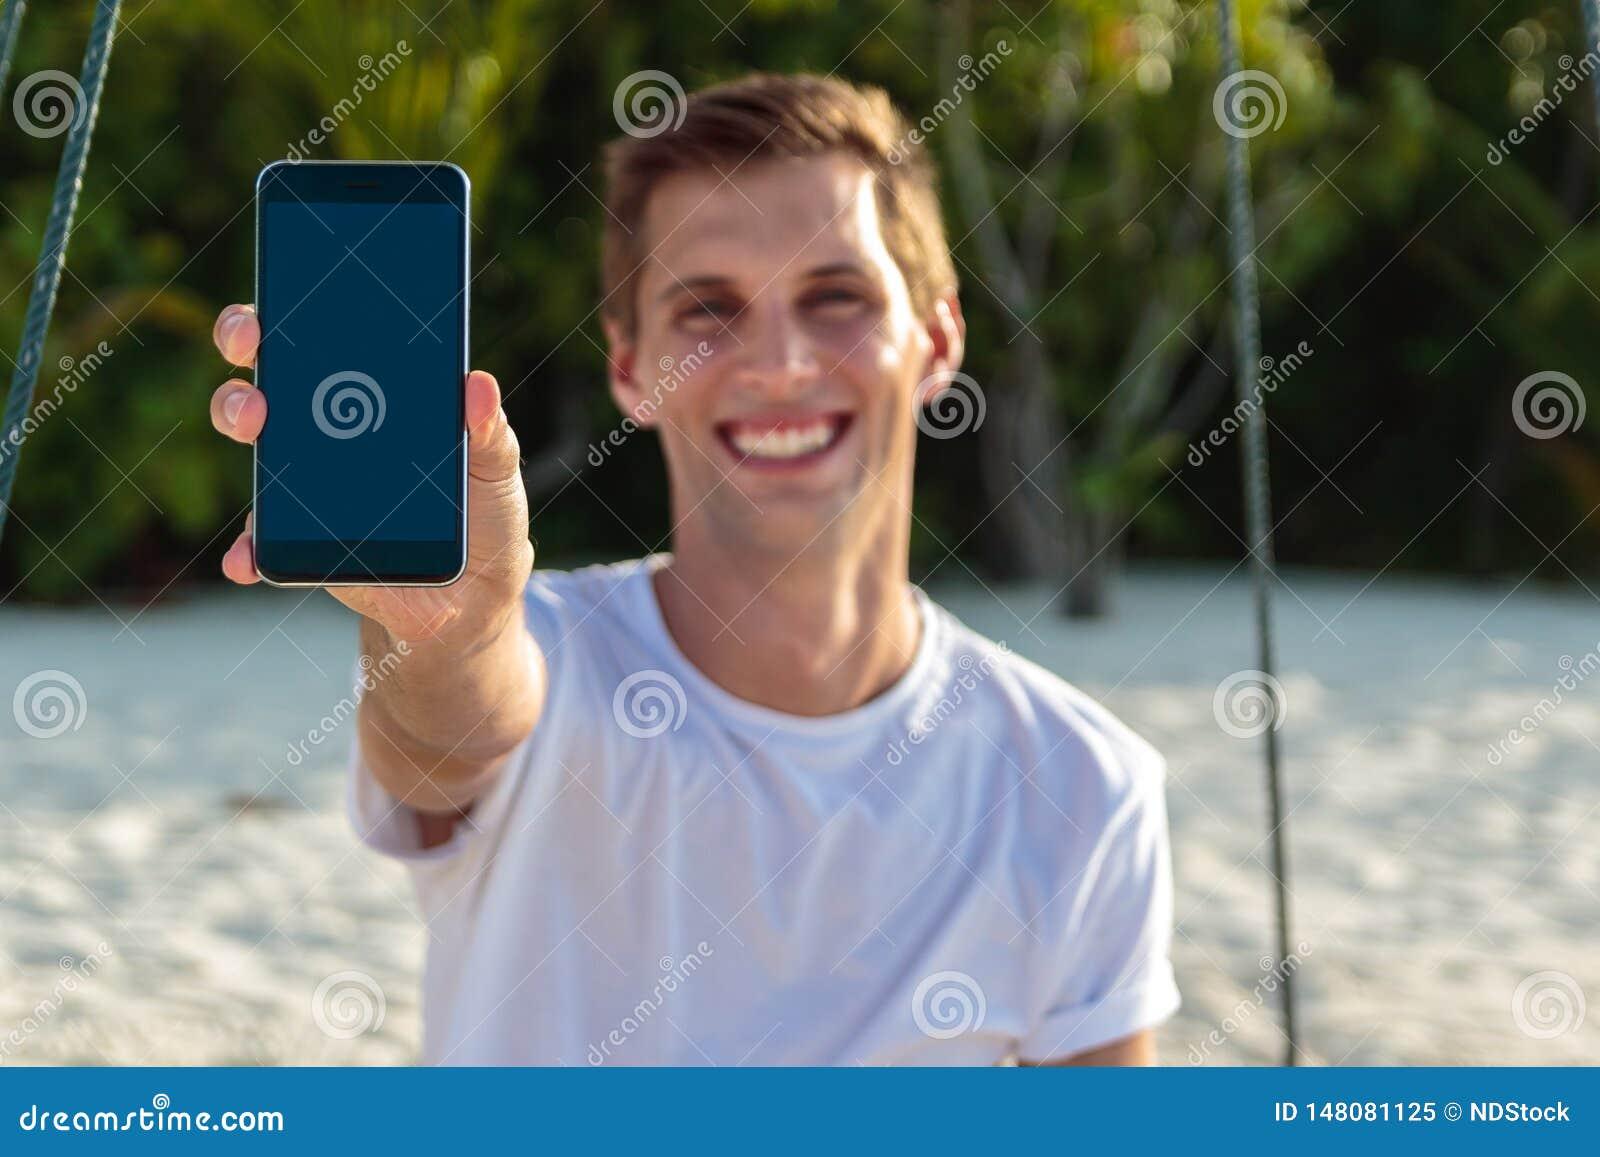 Молодой счастливый человек усаженный на качание показывая вертикальный экран телефона Белые песок и джунгли как предпосылка